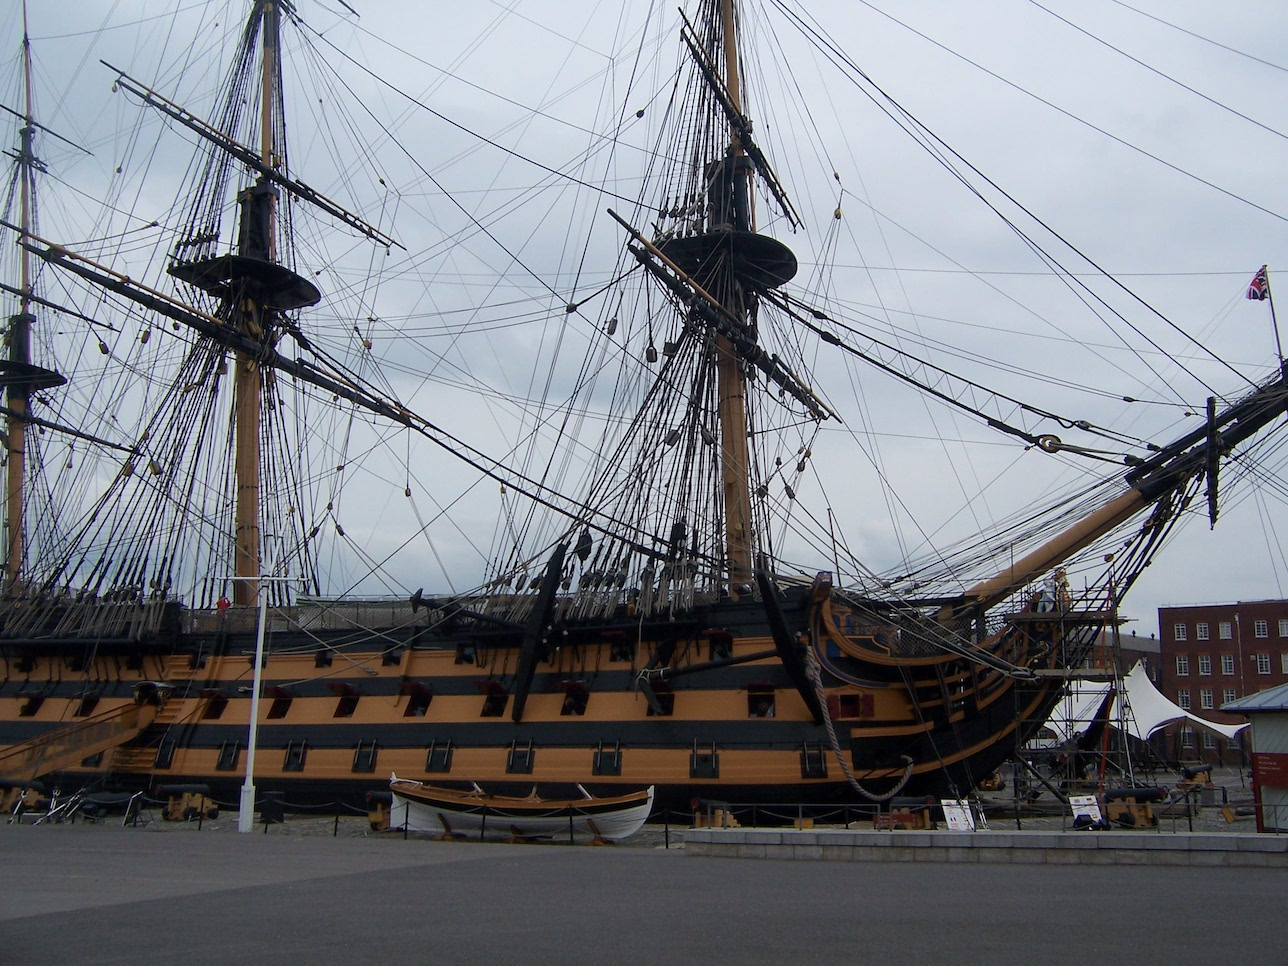 HMS Victory © Lemuel Lyes 2009